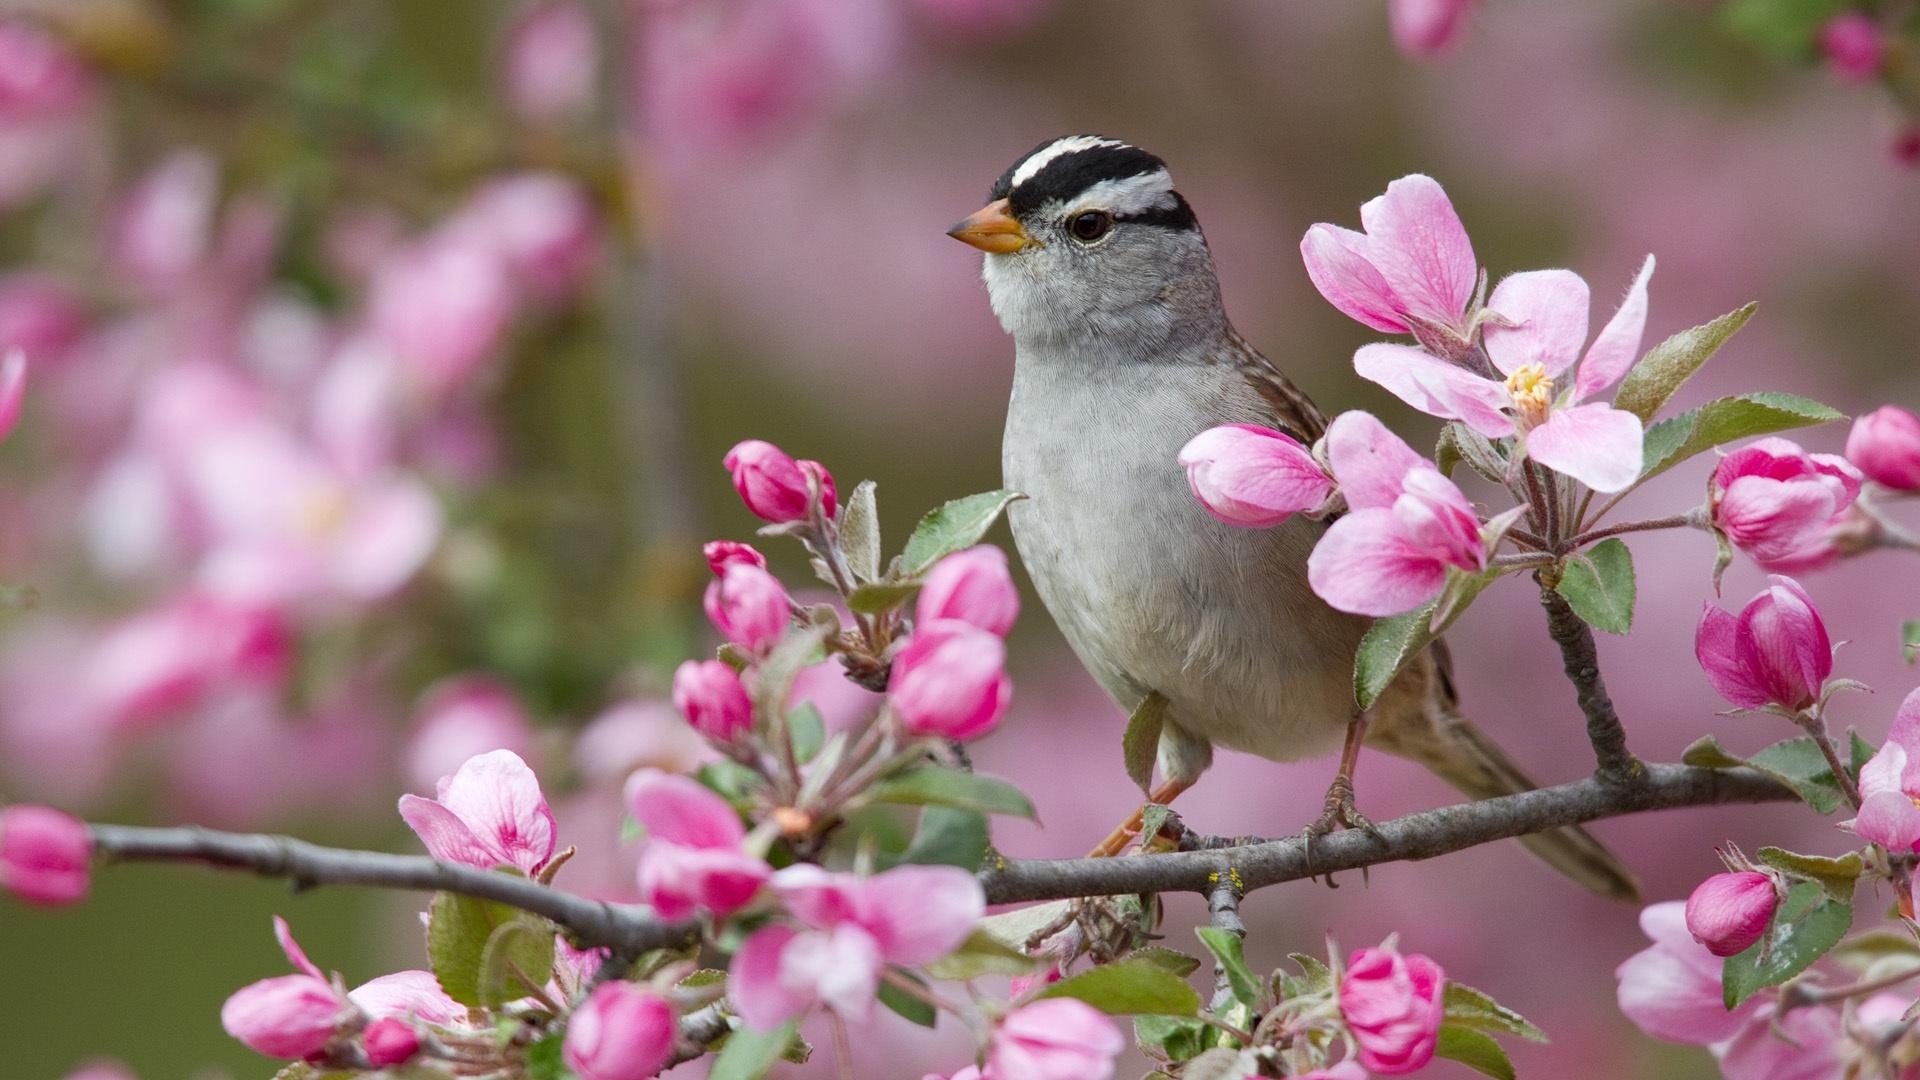 fonds d 39 cran fleur de p cher printemps et les oiseaux 1920x1080 full hd 2k image. Black Bedroom Furniture Sets. Home Design Ideas